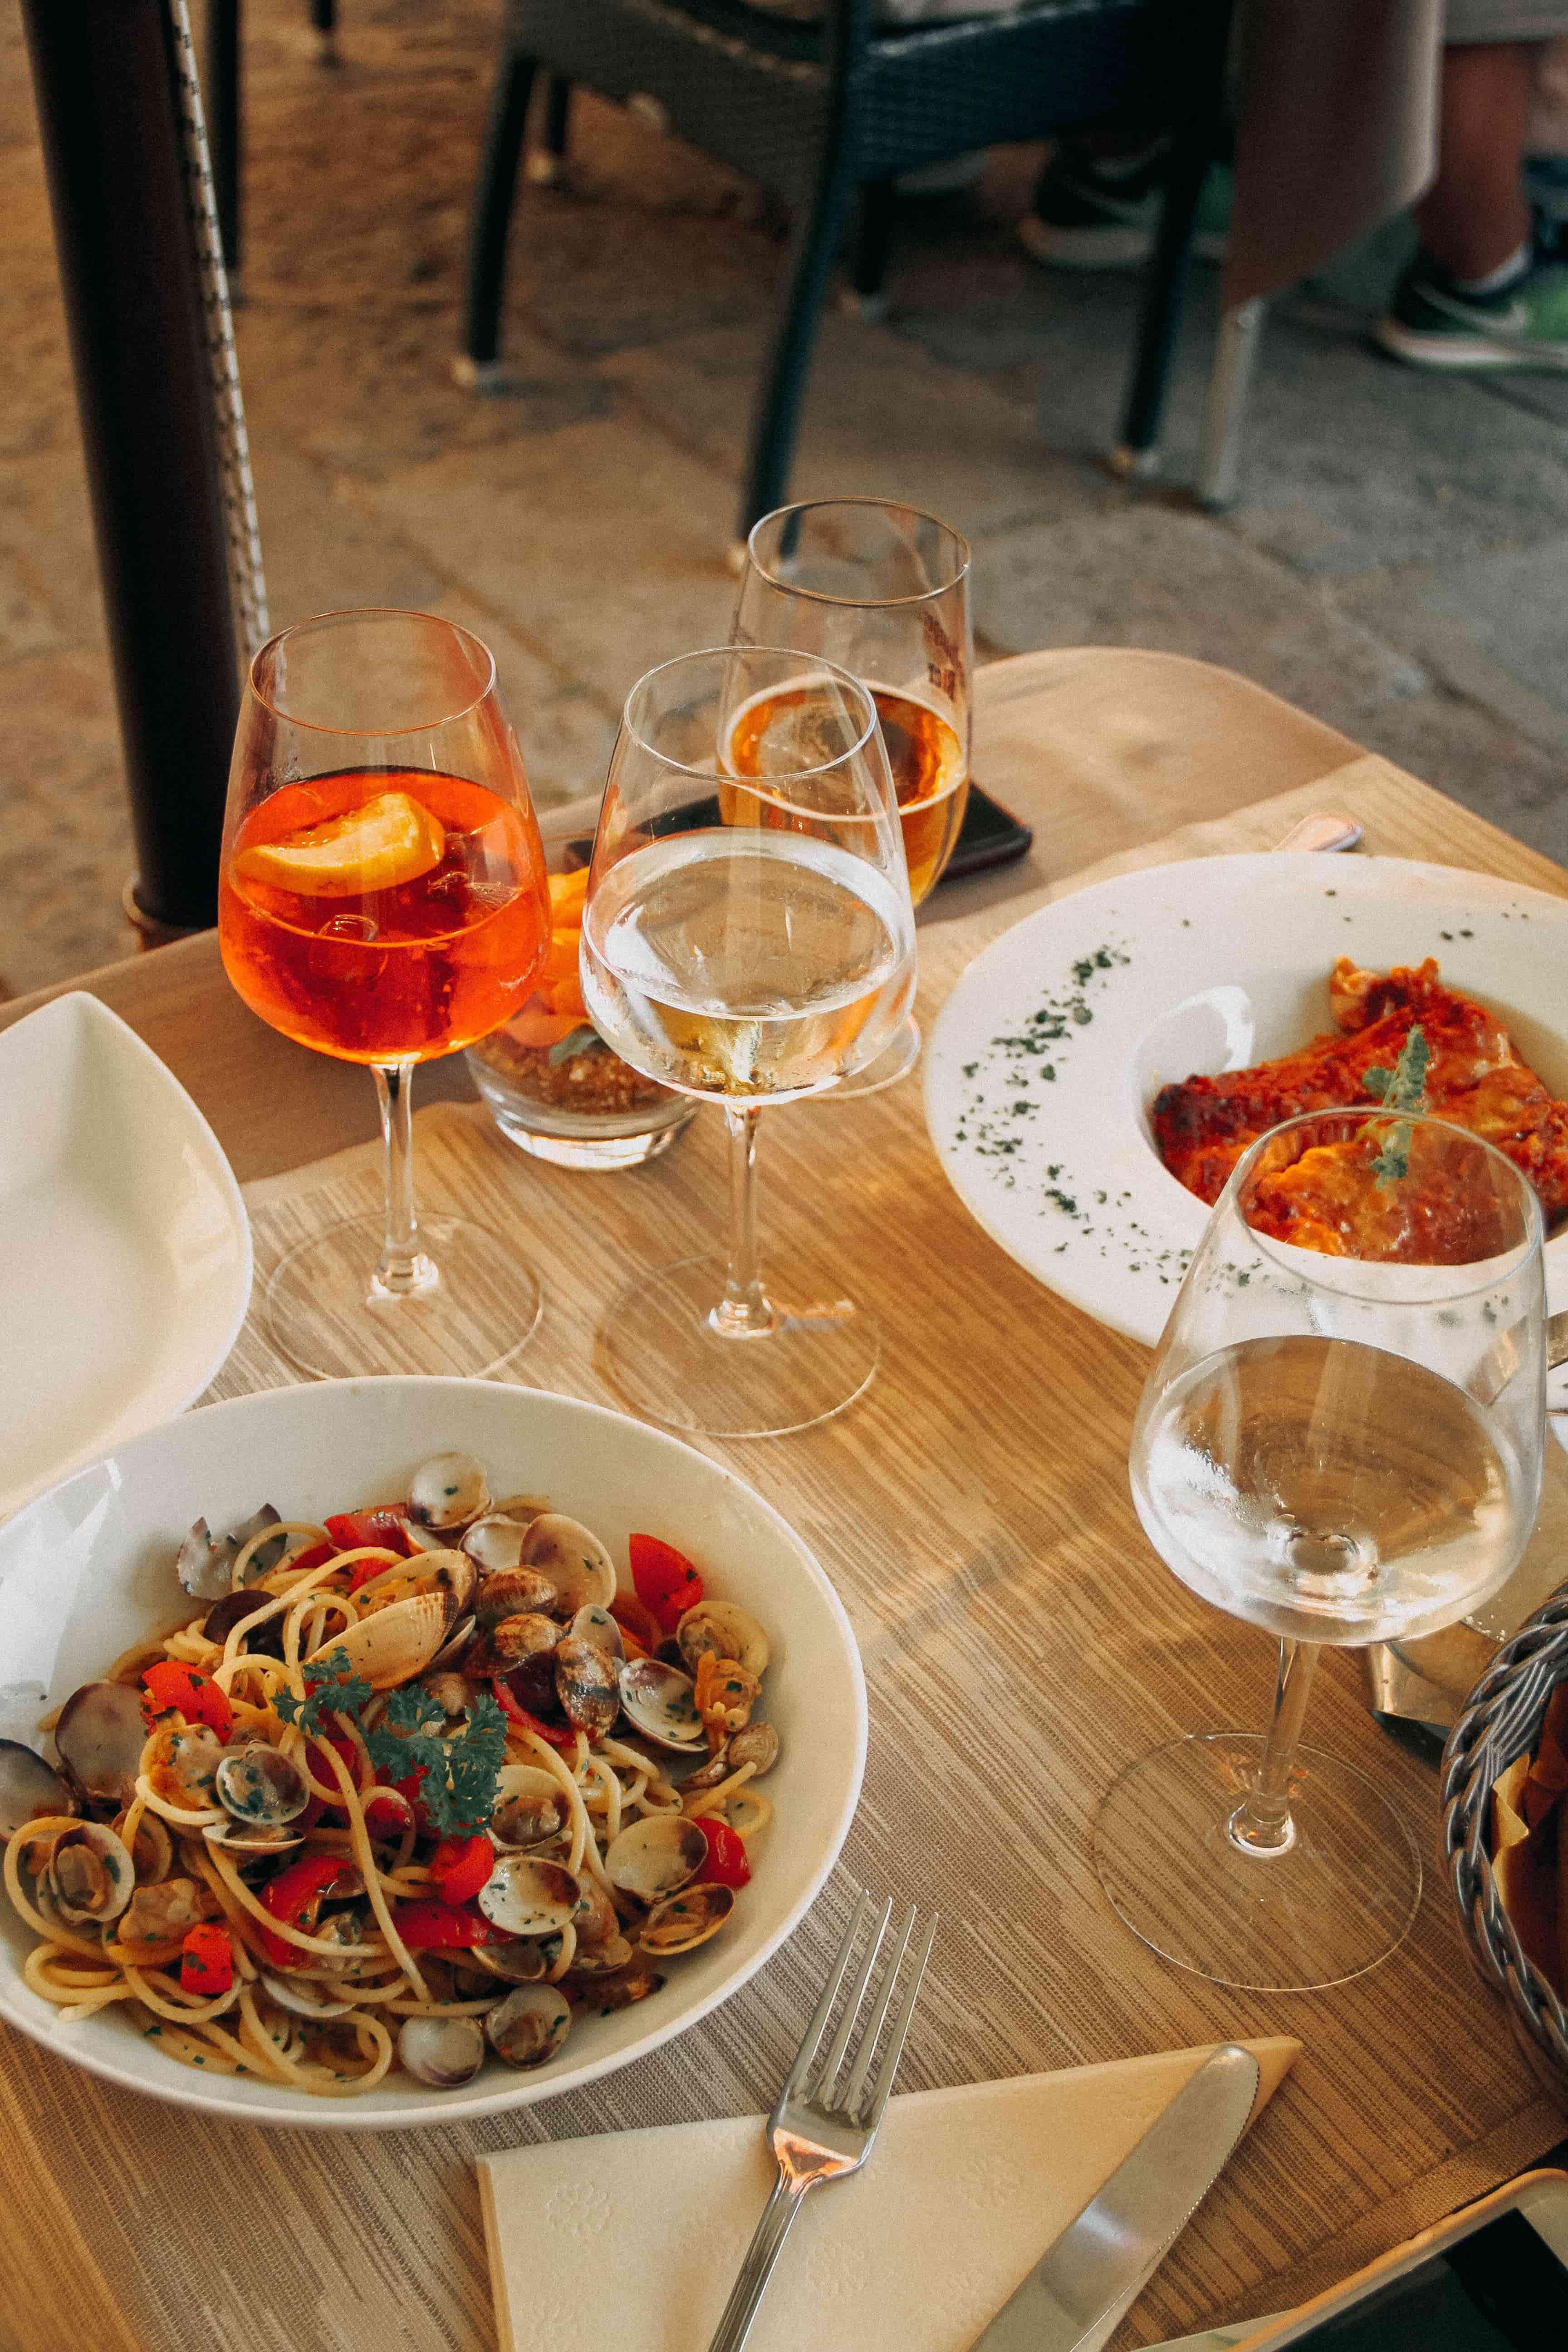 Italian inspired dinner